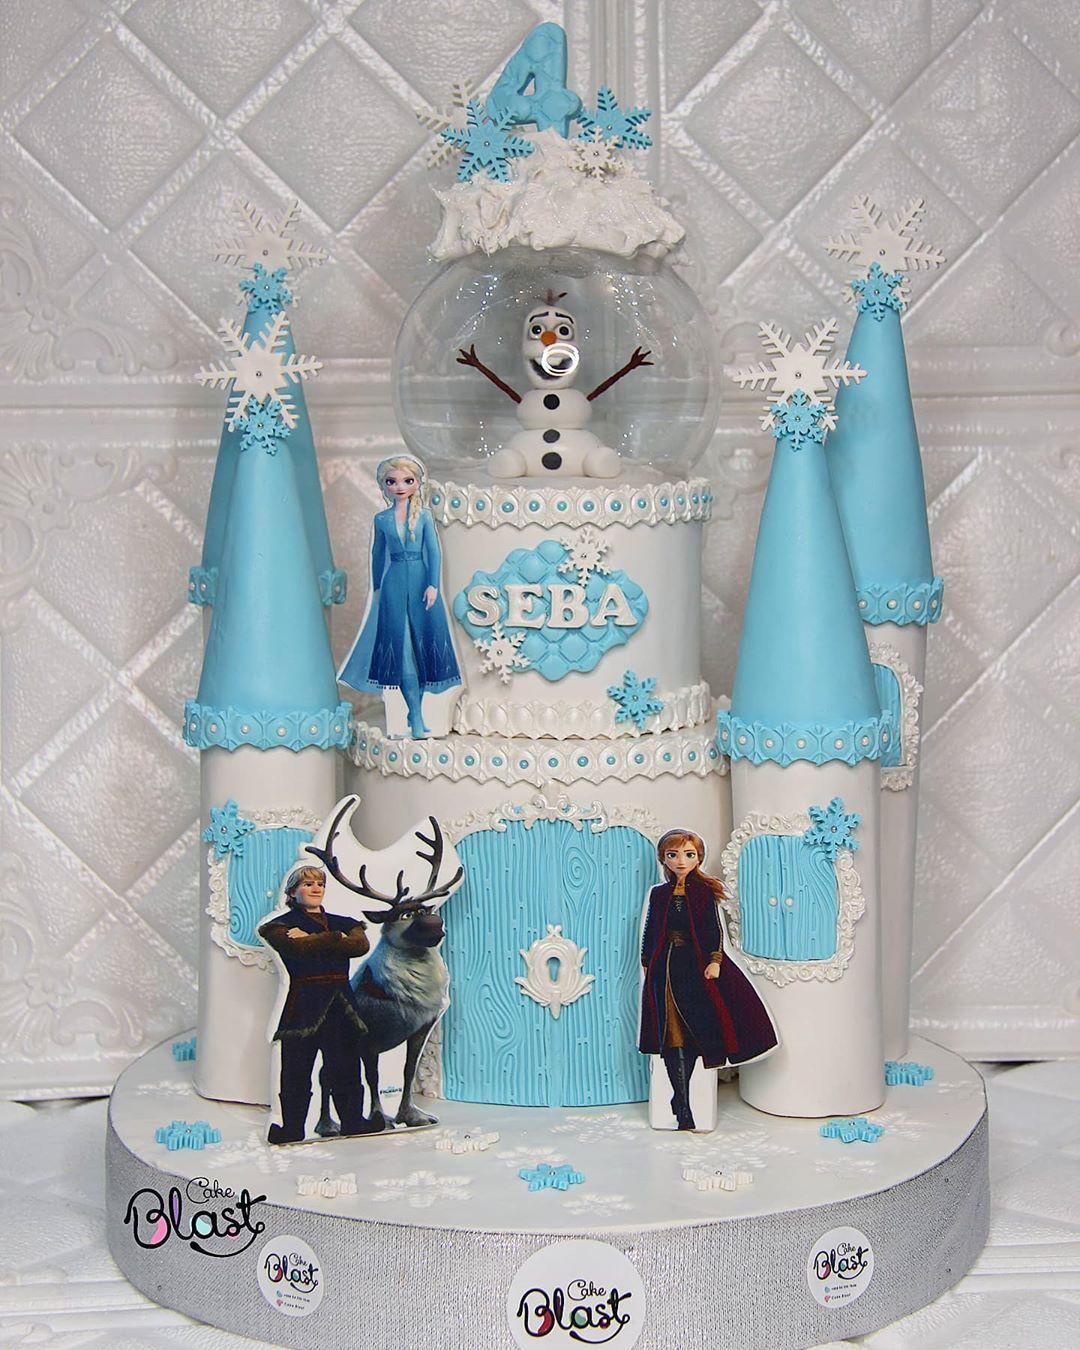 كيكة القصر ثيم فروزن ألف عافيه على أصحابها مجسم شخصية أولاف مصنوع بالكامل من عجينة السكر Frozen Castle T In 2020 Diaper Cake Children Diaper